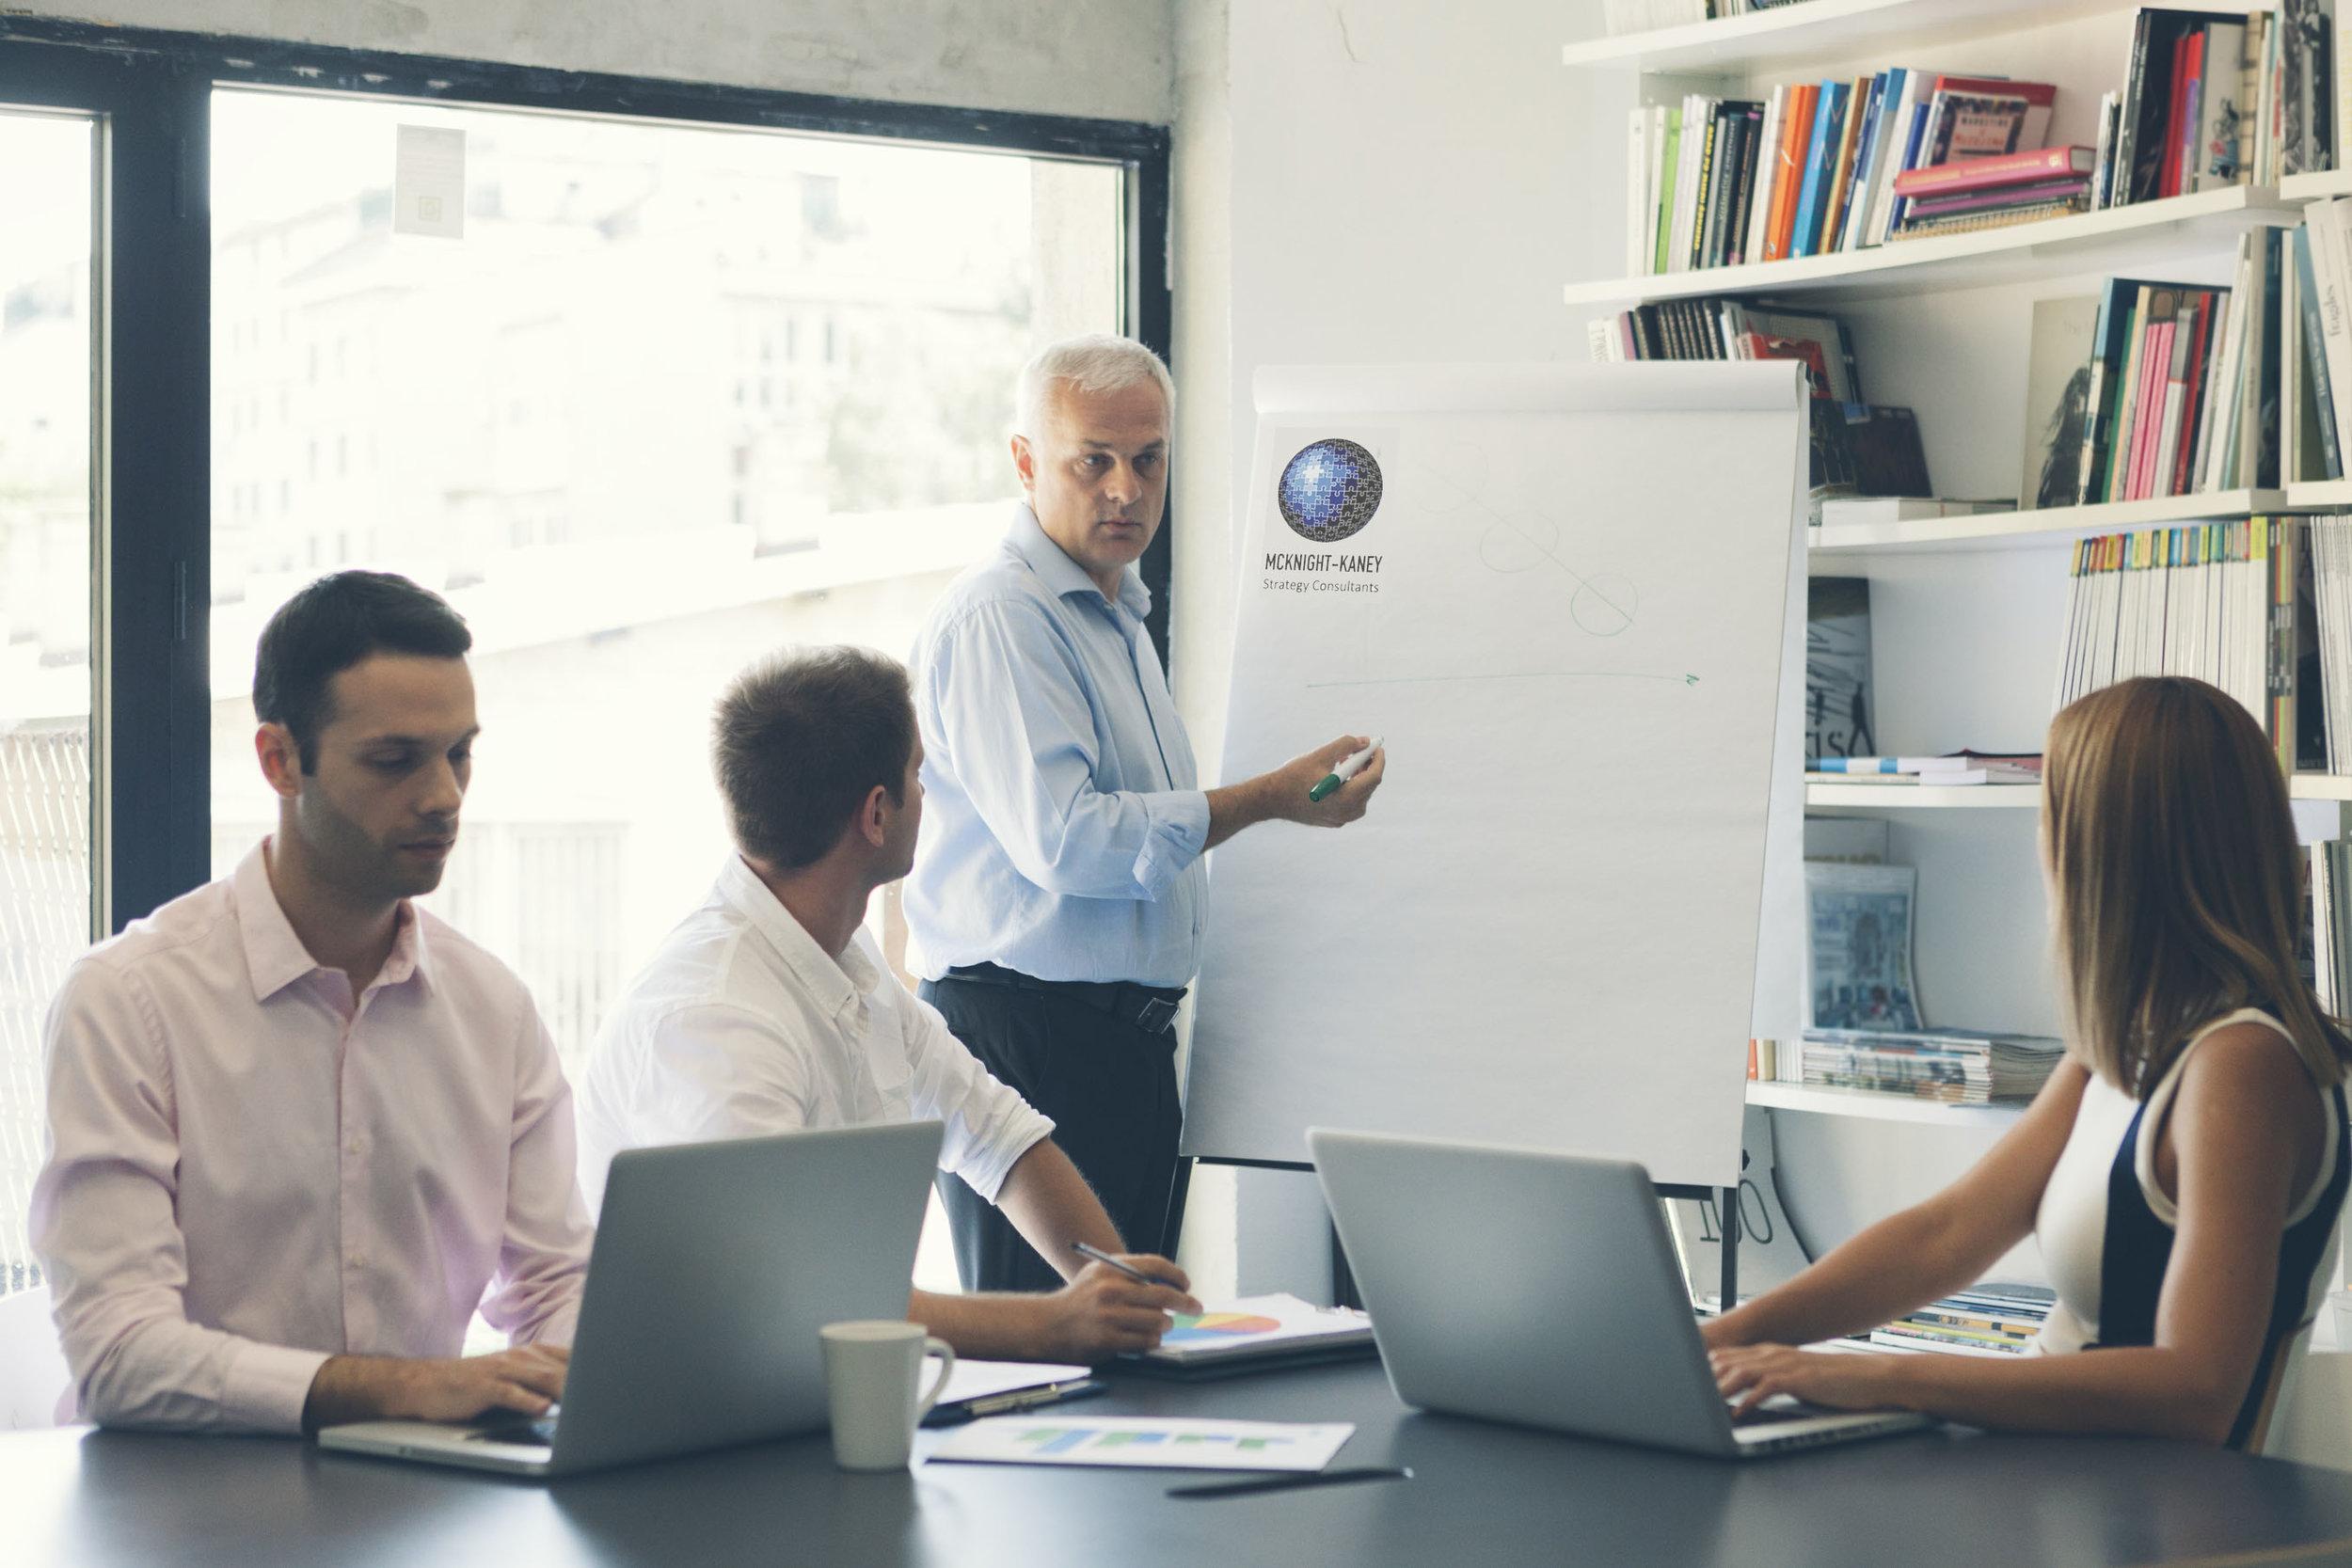 Businesspeople-having-meeting-in-office-000063255709_Large.jpg